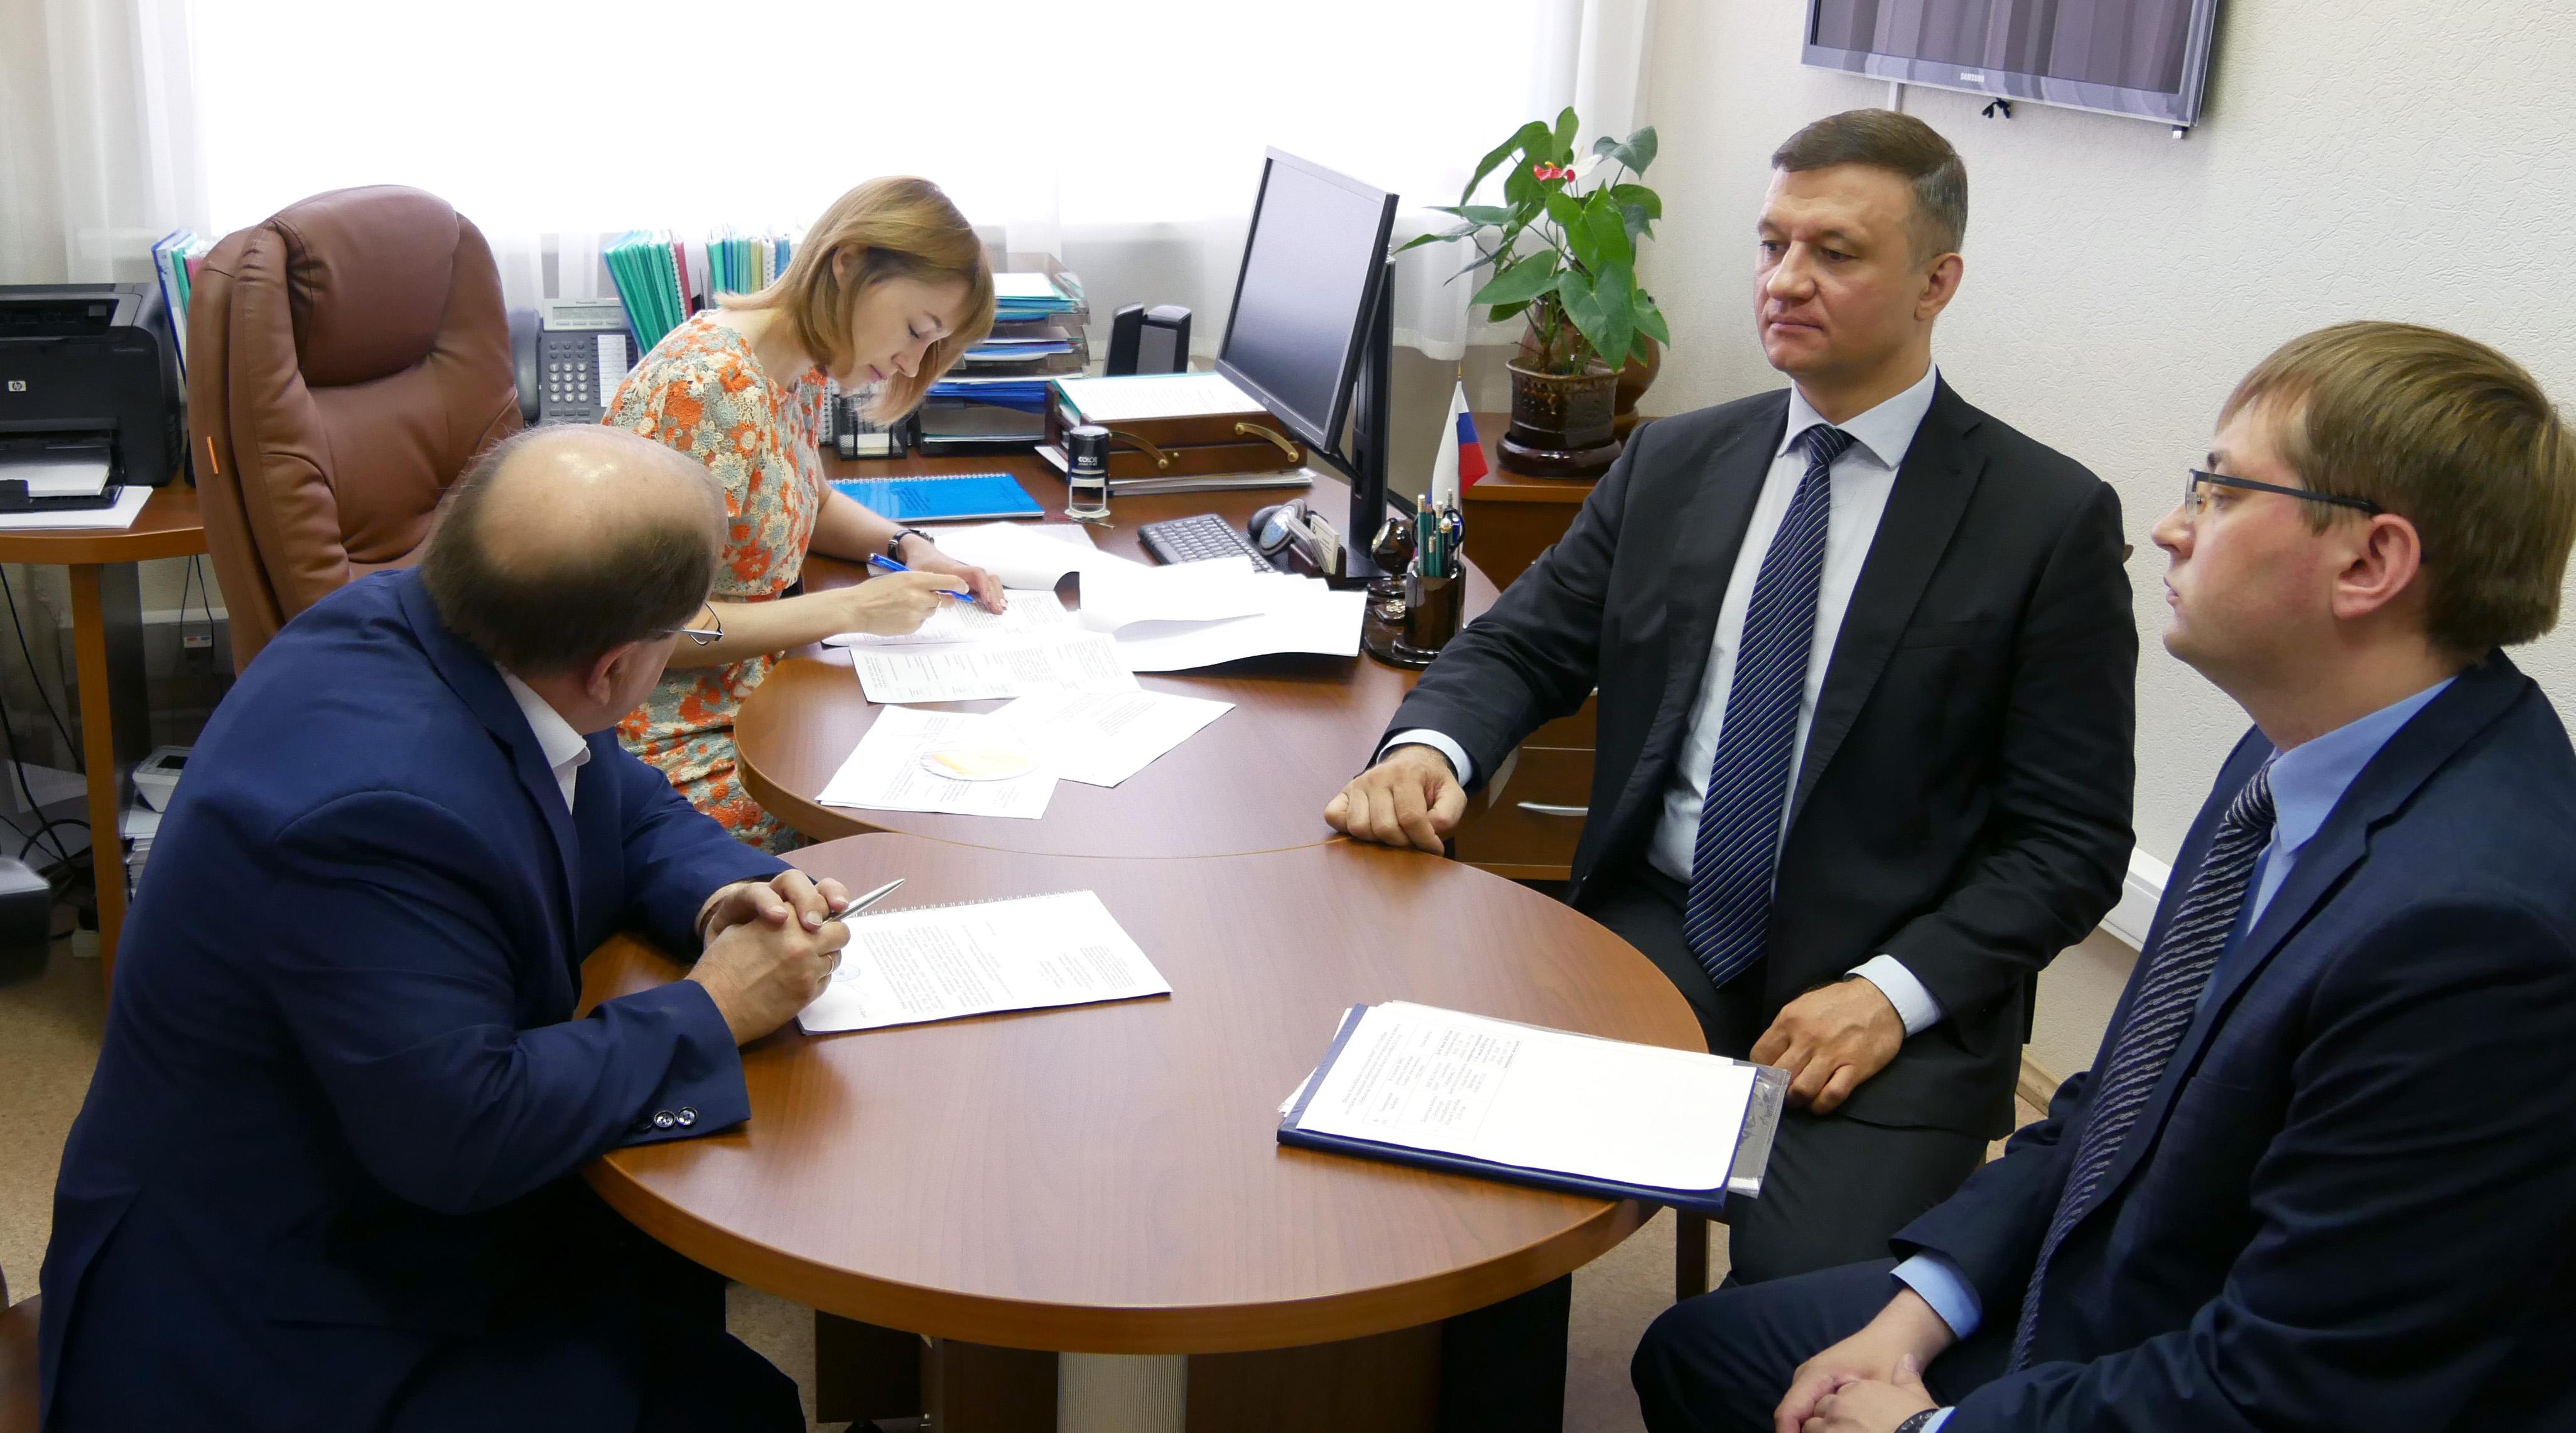 Дмитрий Савельев подал документы на выдвижение кандидатом в Губернаторы Новосибирской области